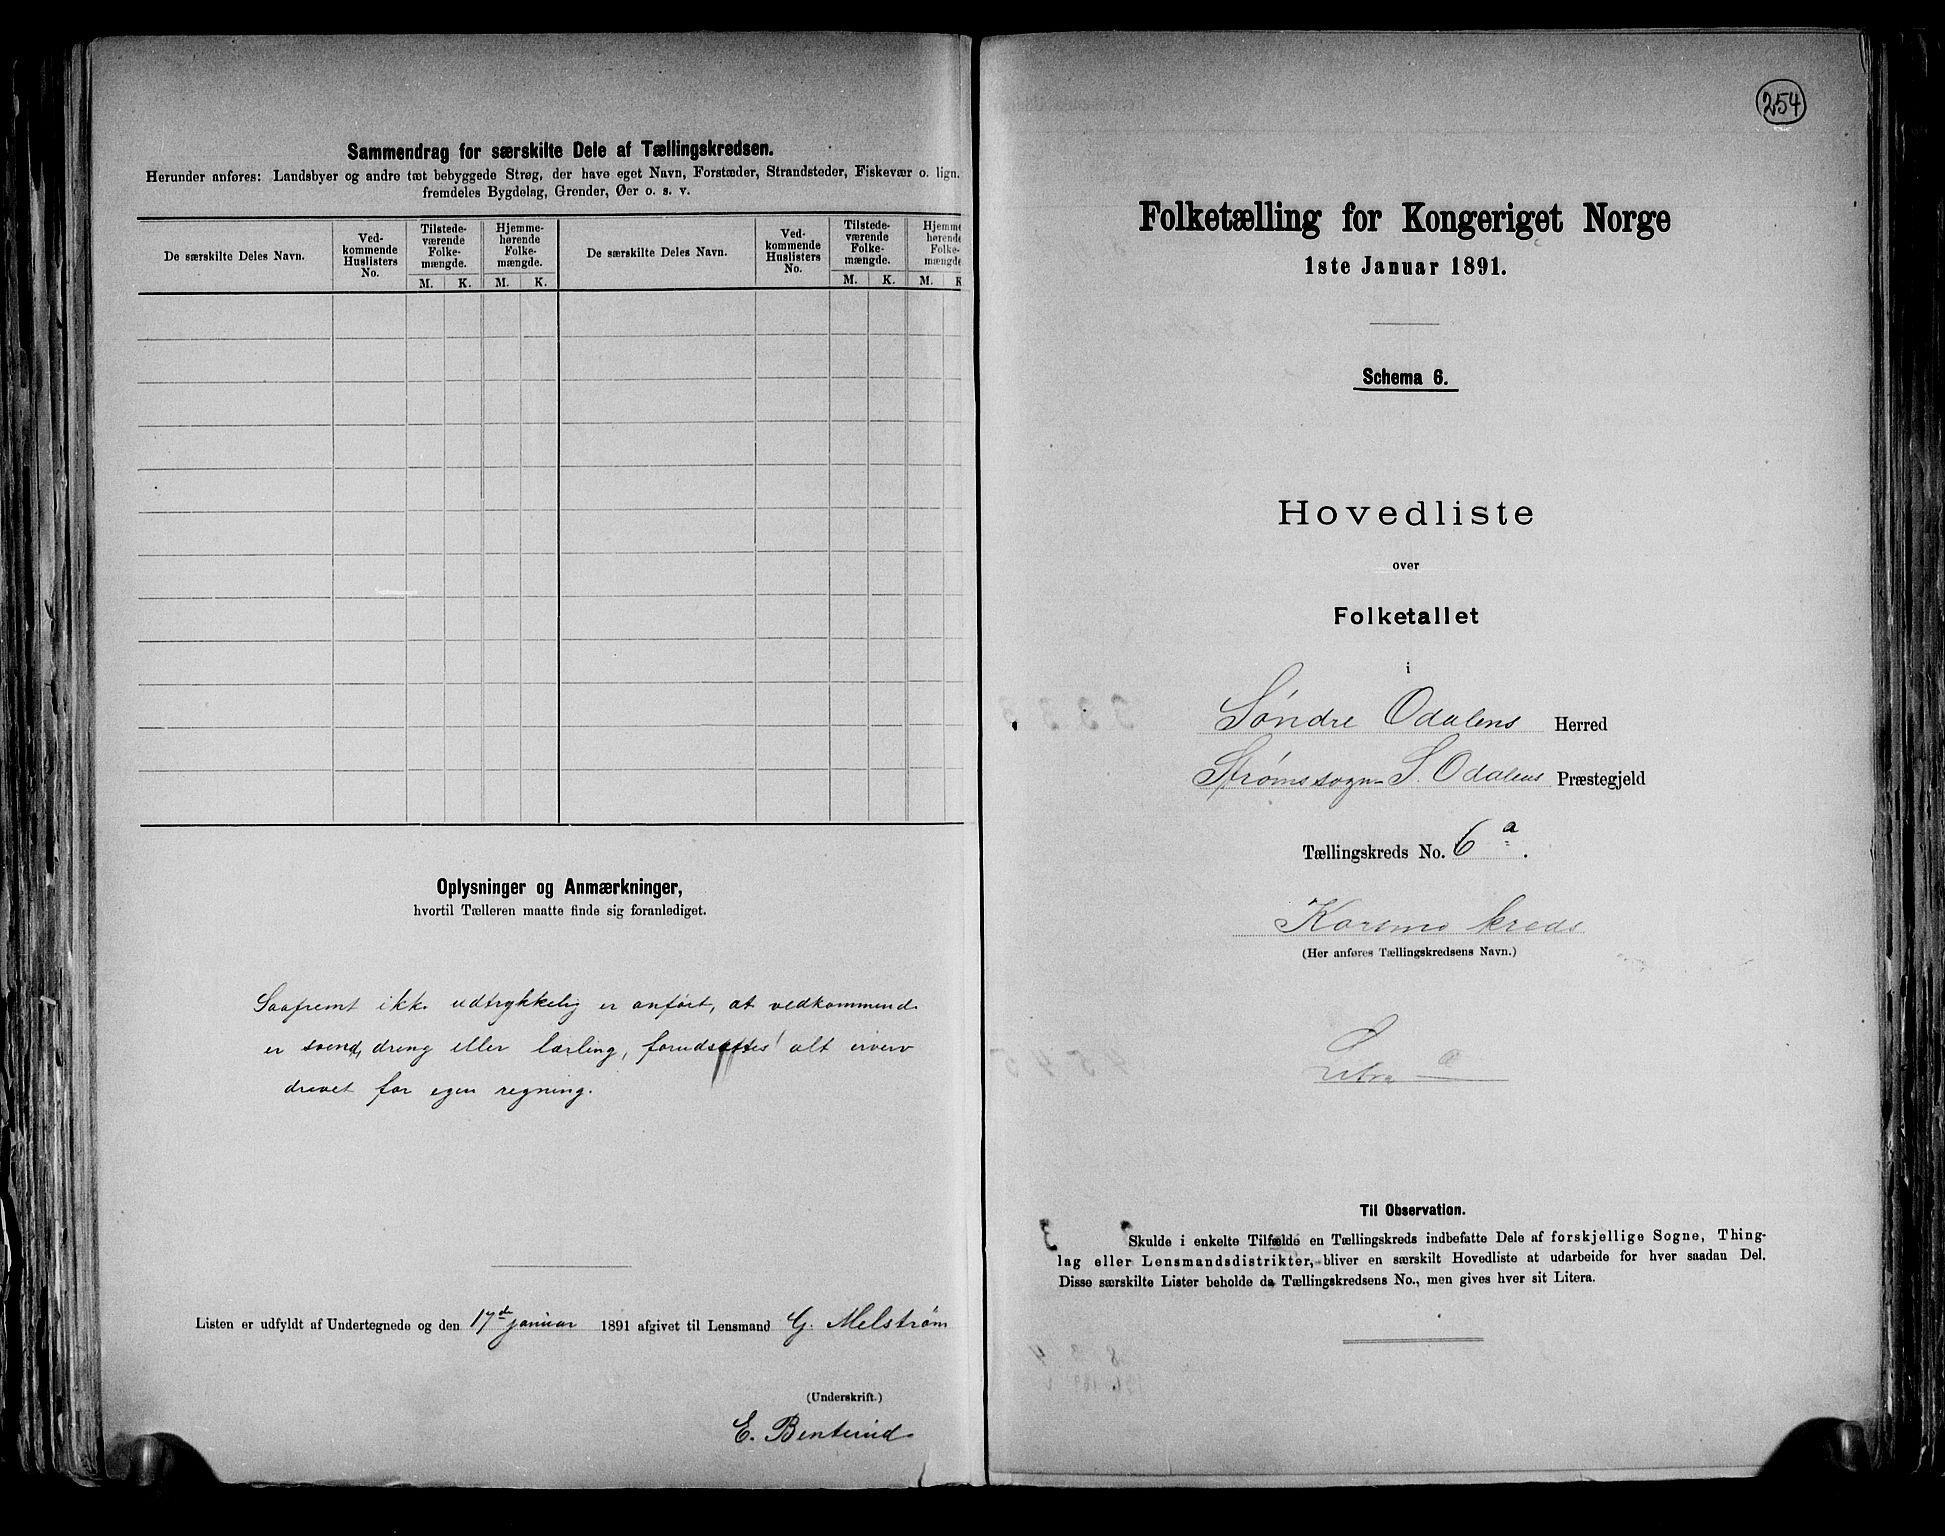 RA, Folketelling 1891 for 0419 Sør-Odal herred, 1891, s. 16